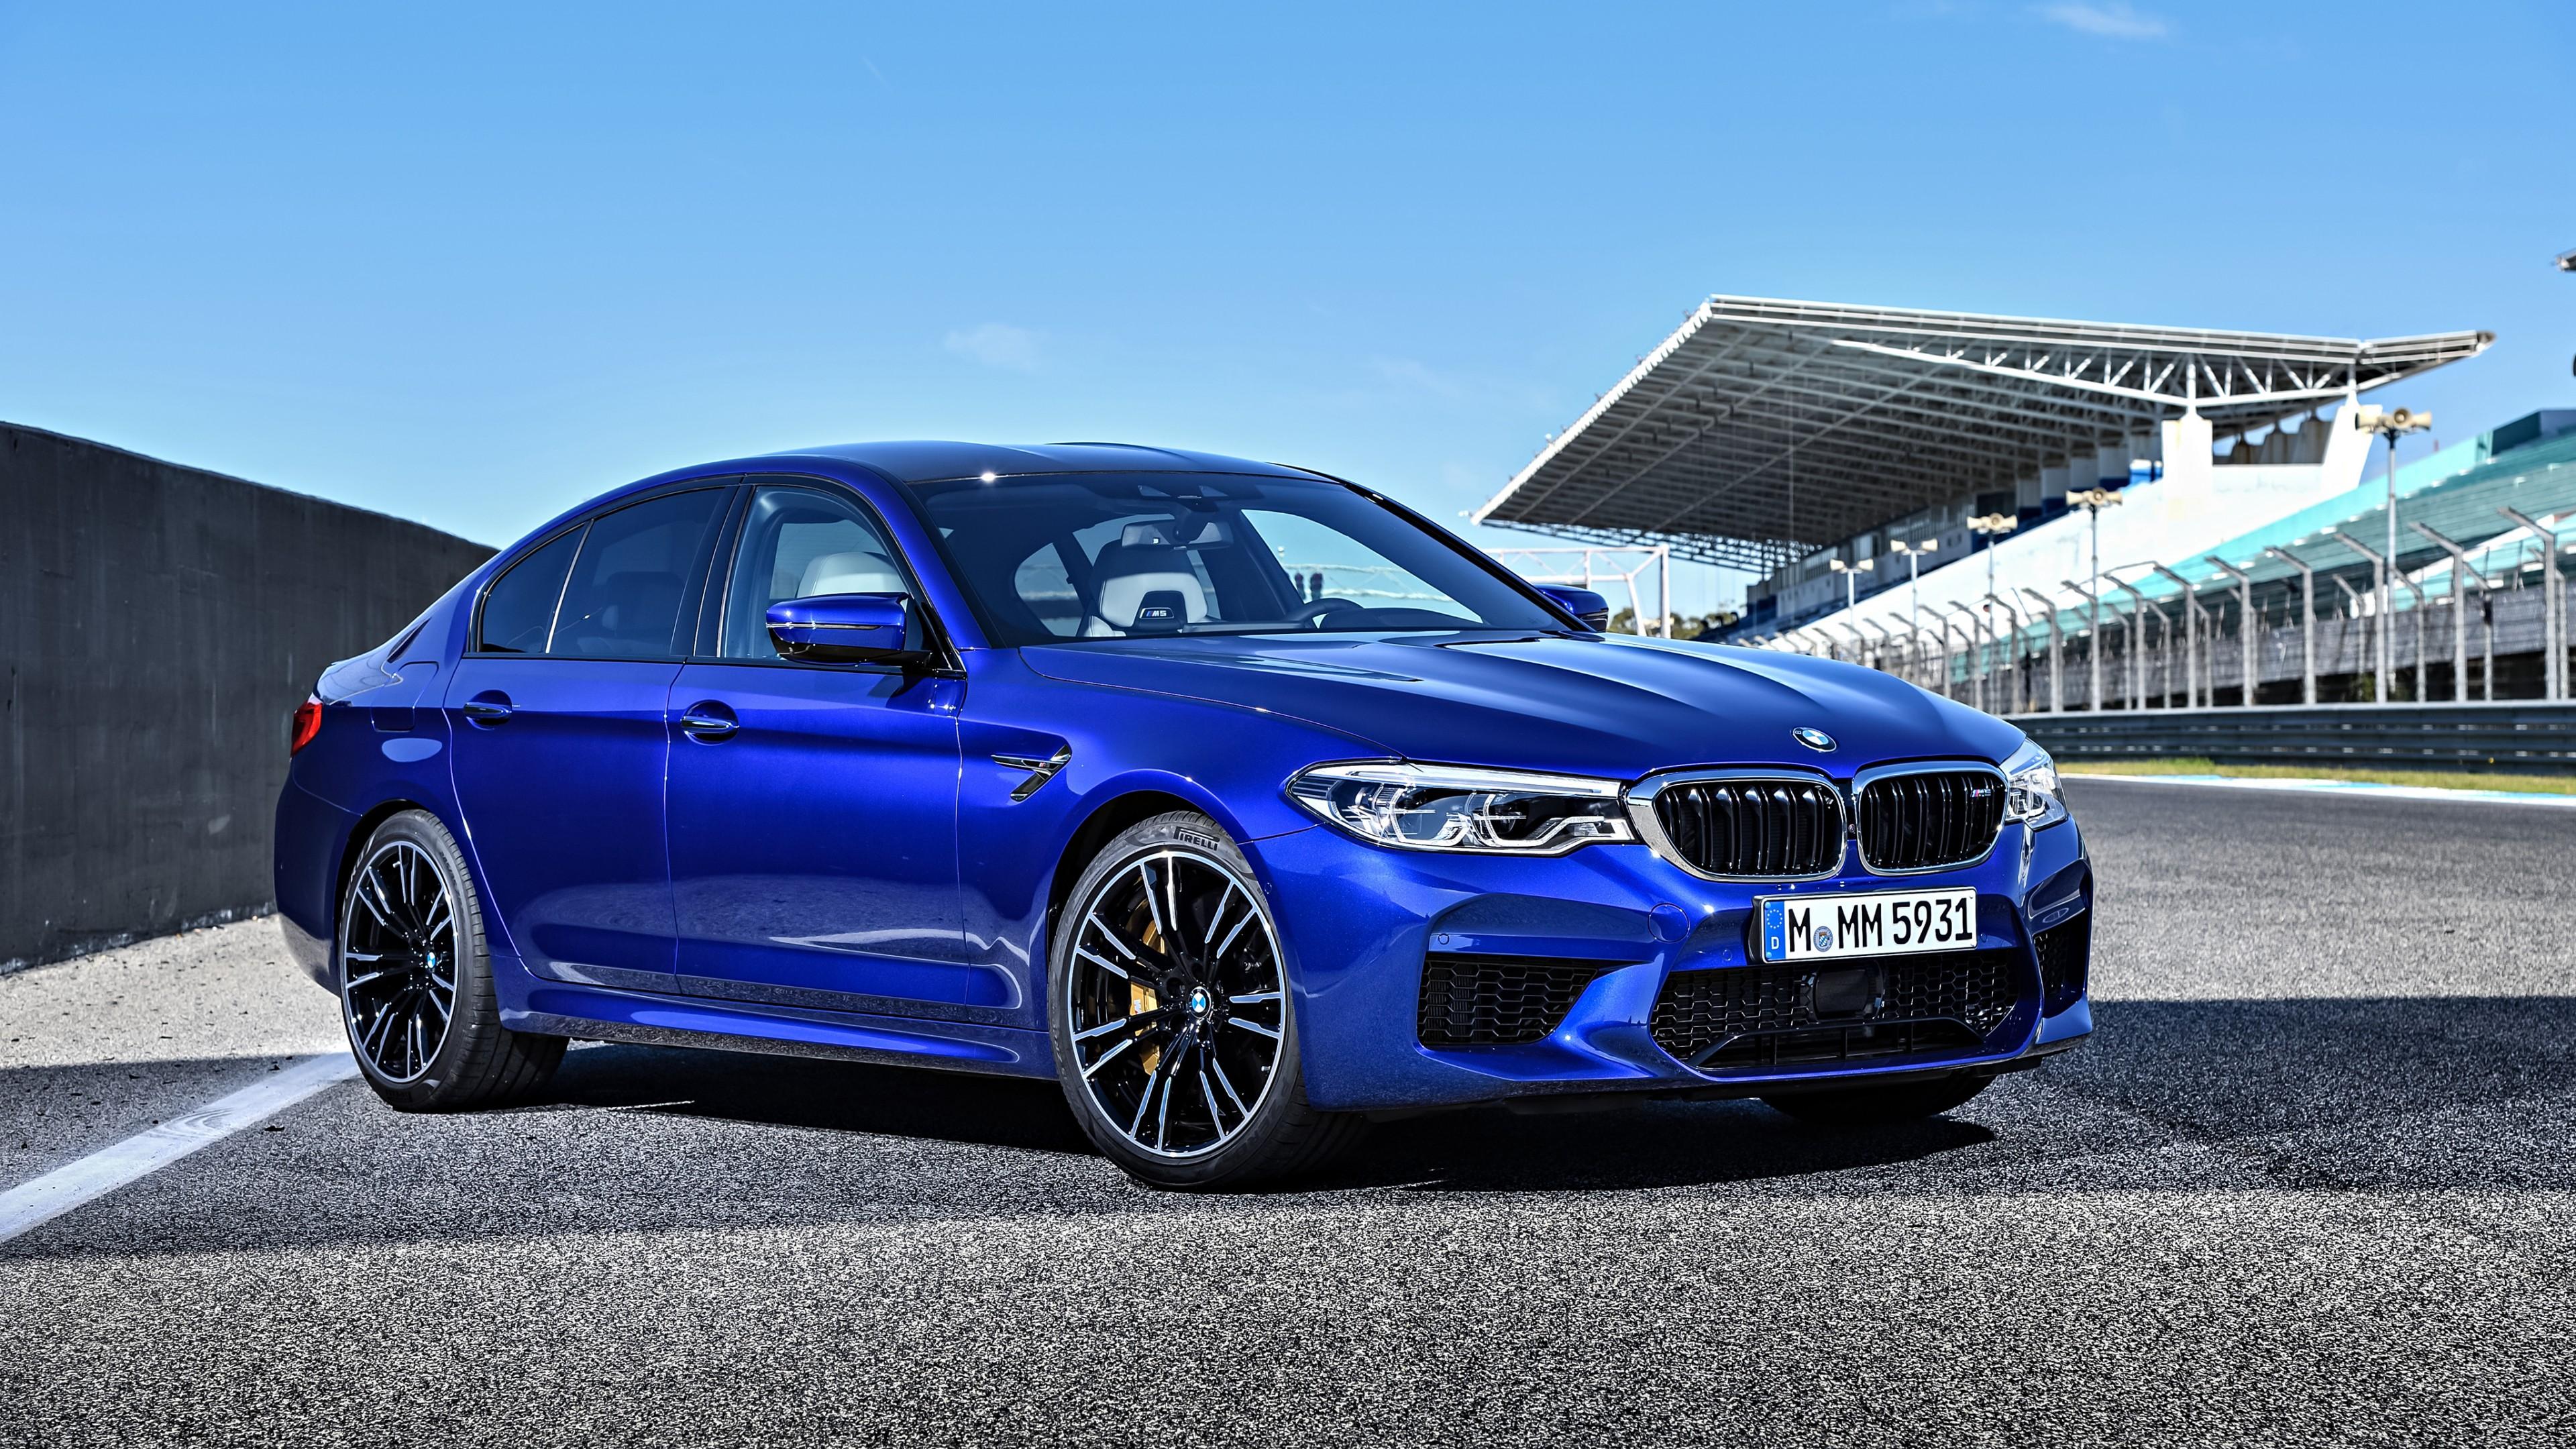 2018 BMW M5 Wallpaper